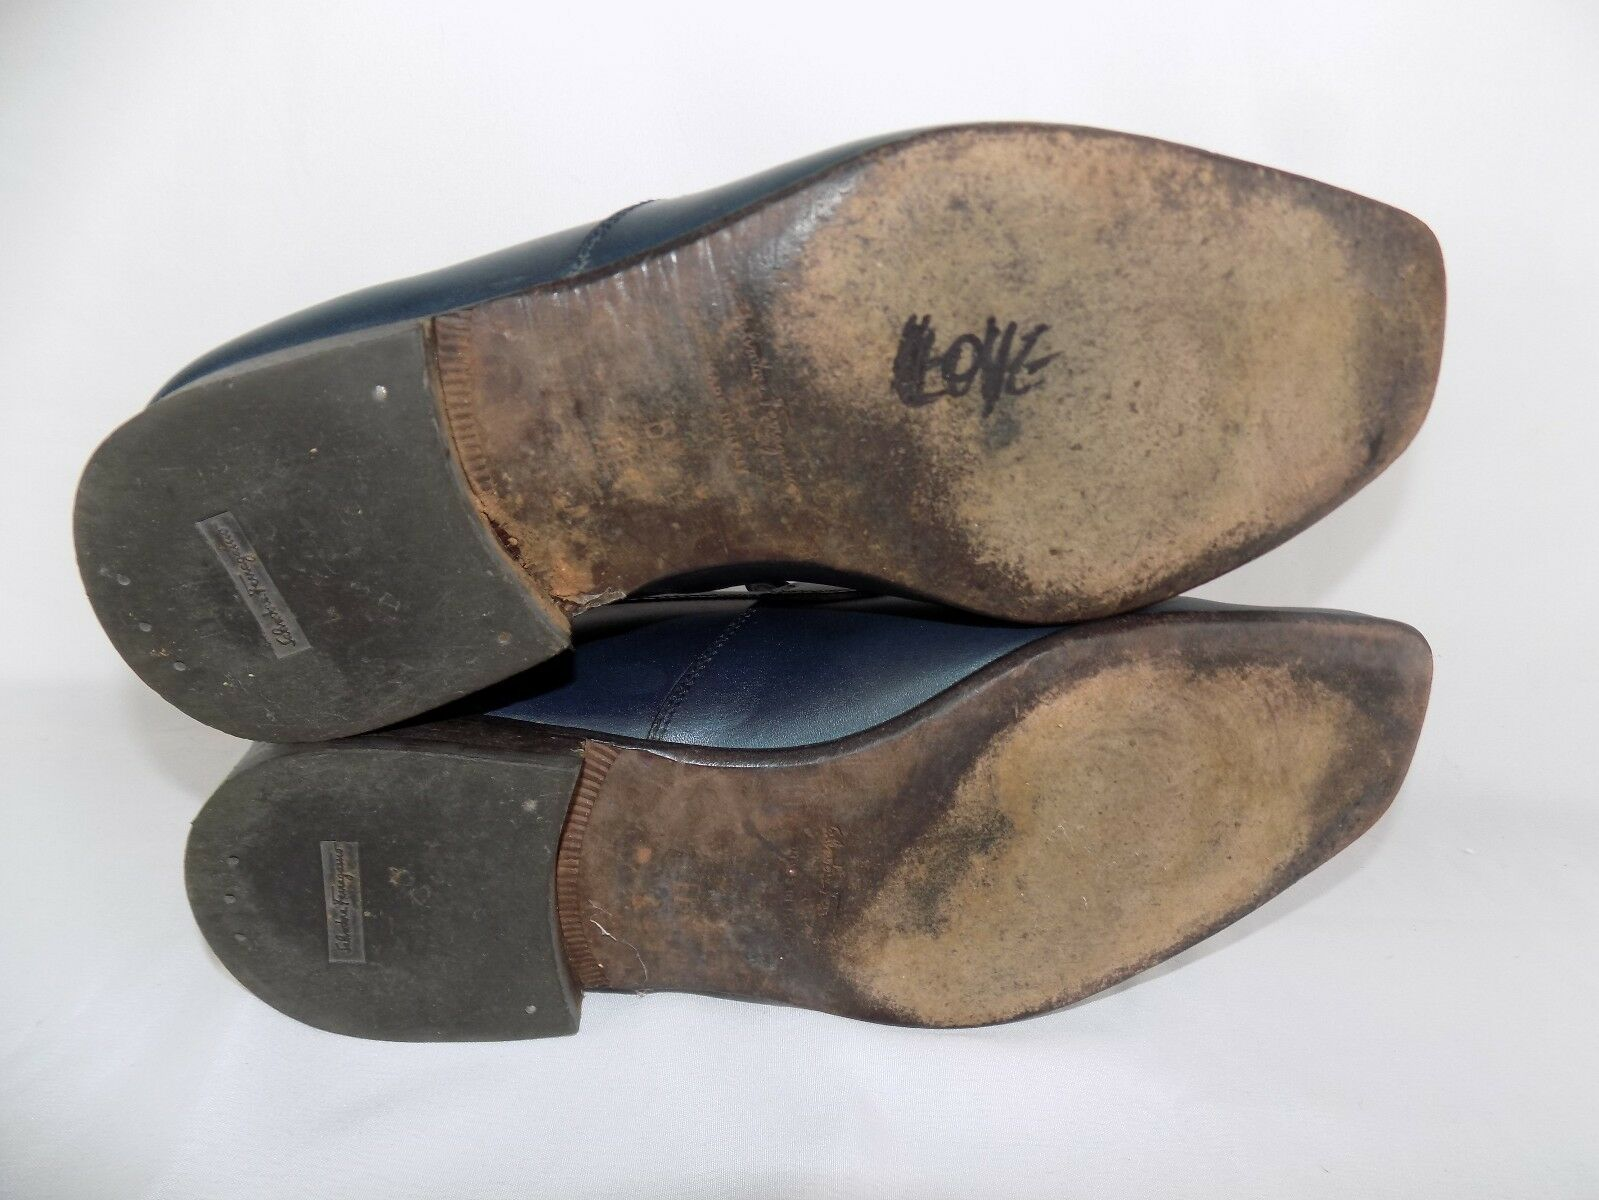 Zapatos De Cuero Salvatore Ferragamo Azul Mocasines EE Para mujeres 6.5 EE Mocasines Hecho en Italia 45e64f